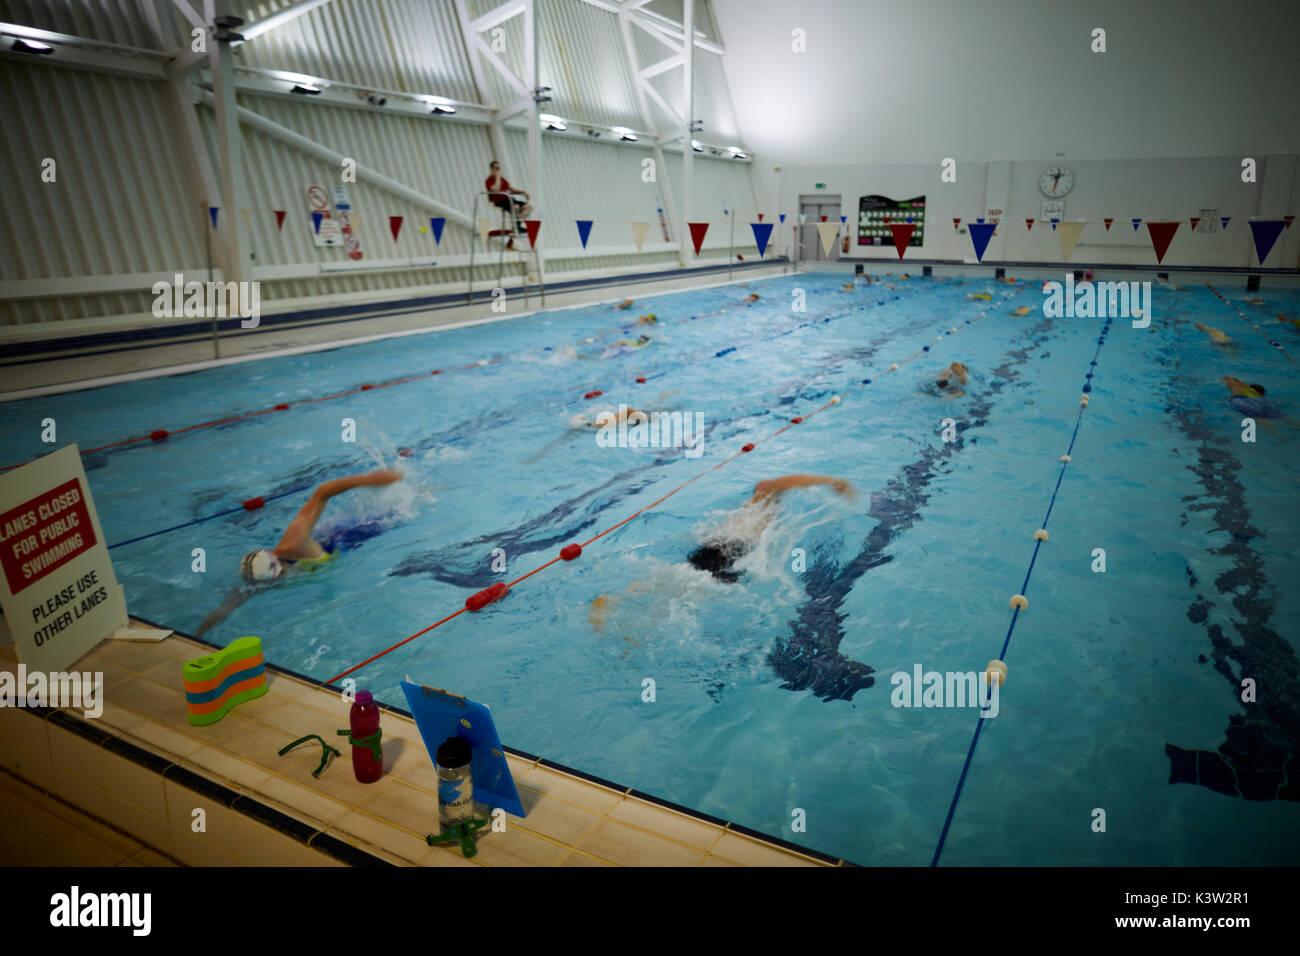 Public Swimming Pool Interior Stock Photos Public Swimming Pool Interior Stock Images Alamy